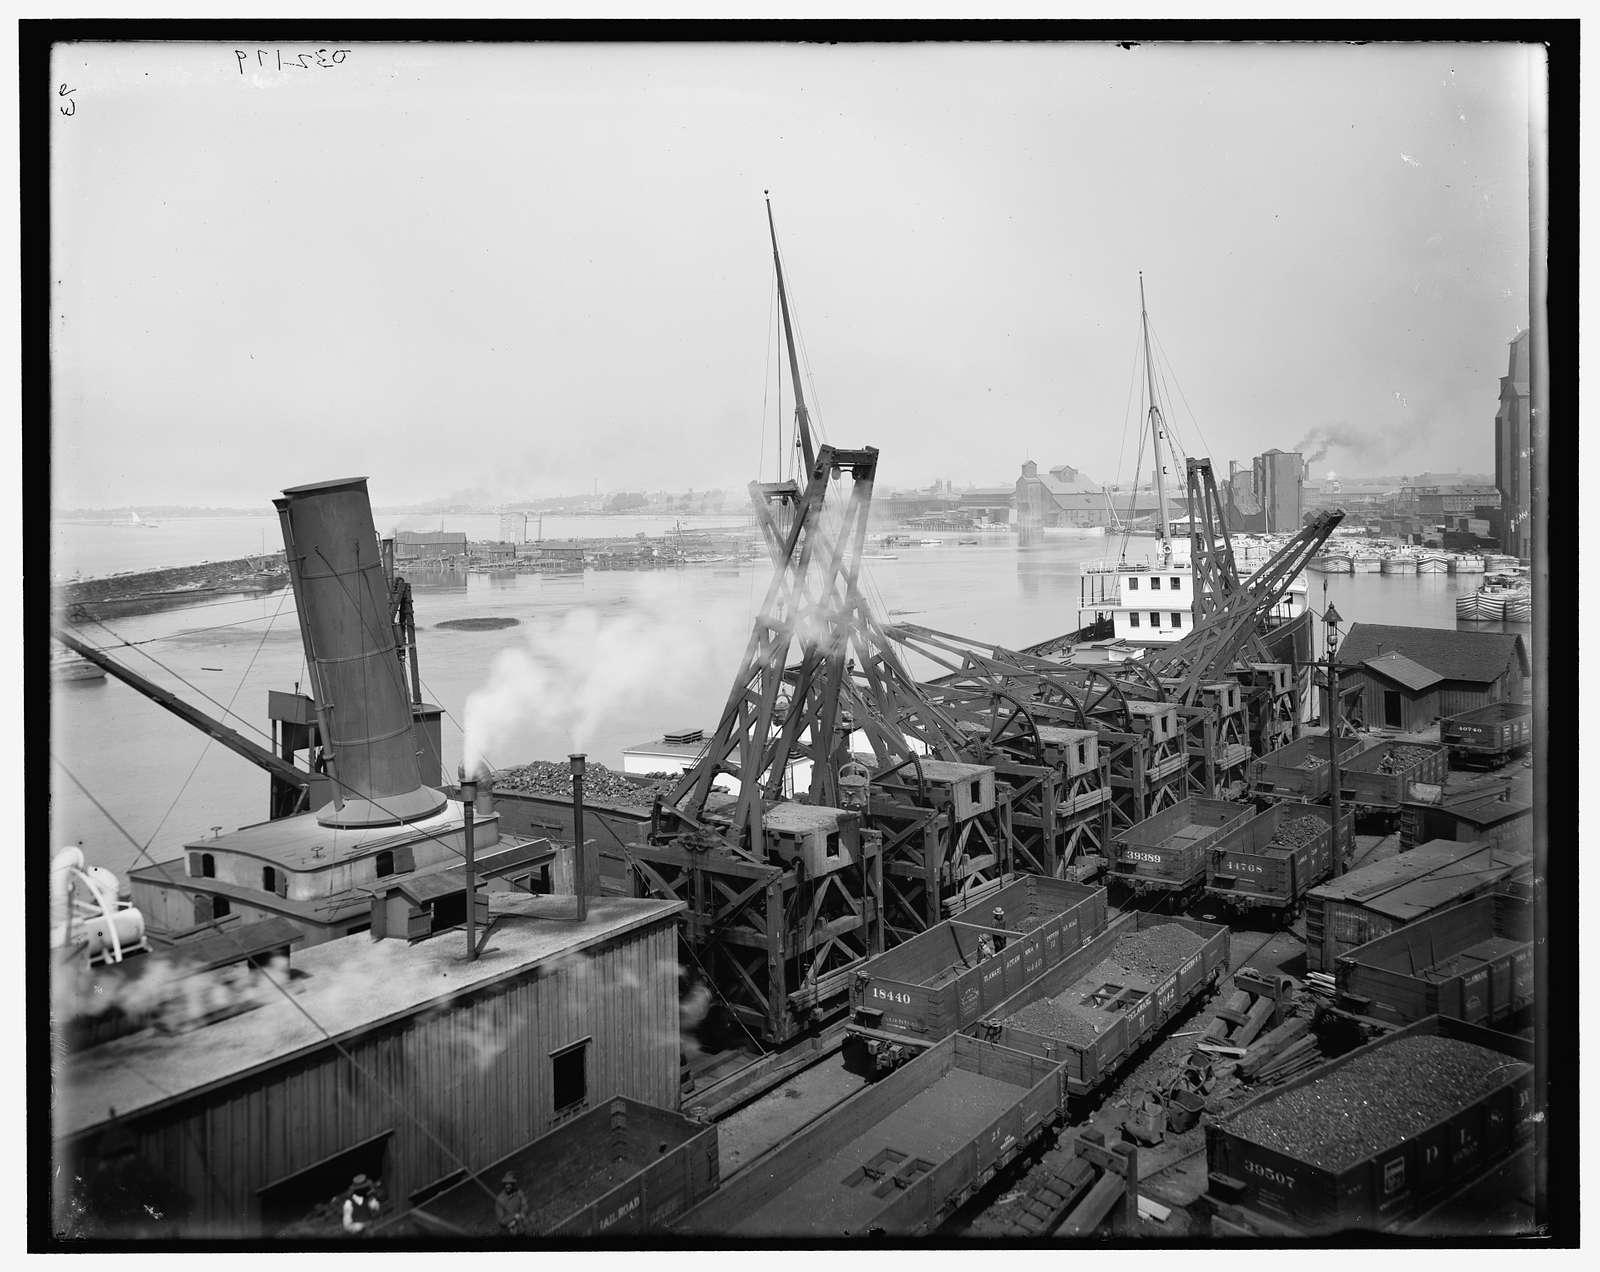 Thornberger hoist unloading ore, Lackawanna ore docks, Buffalo, N.Y.